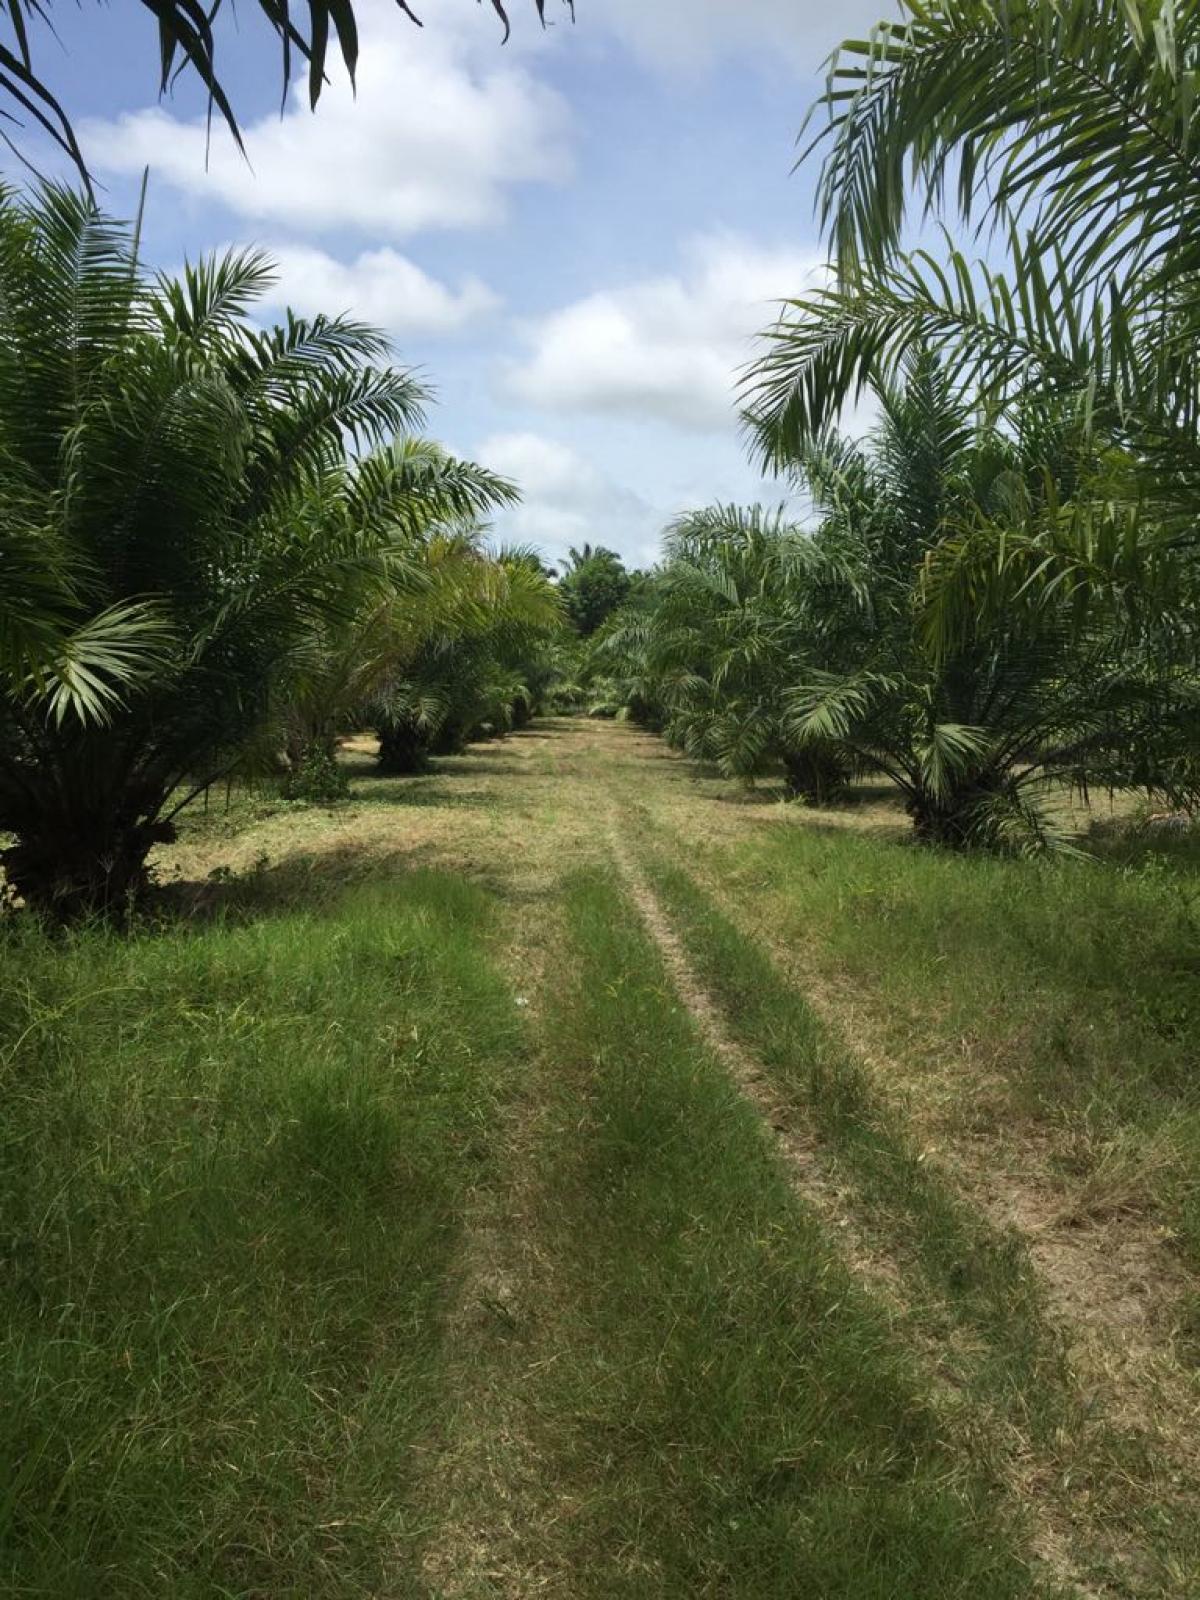 Picture of Farm For Sale in La Ceiba, Atlantida, Honduras